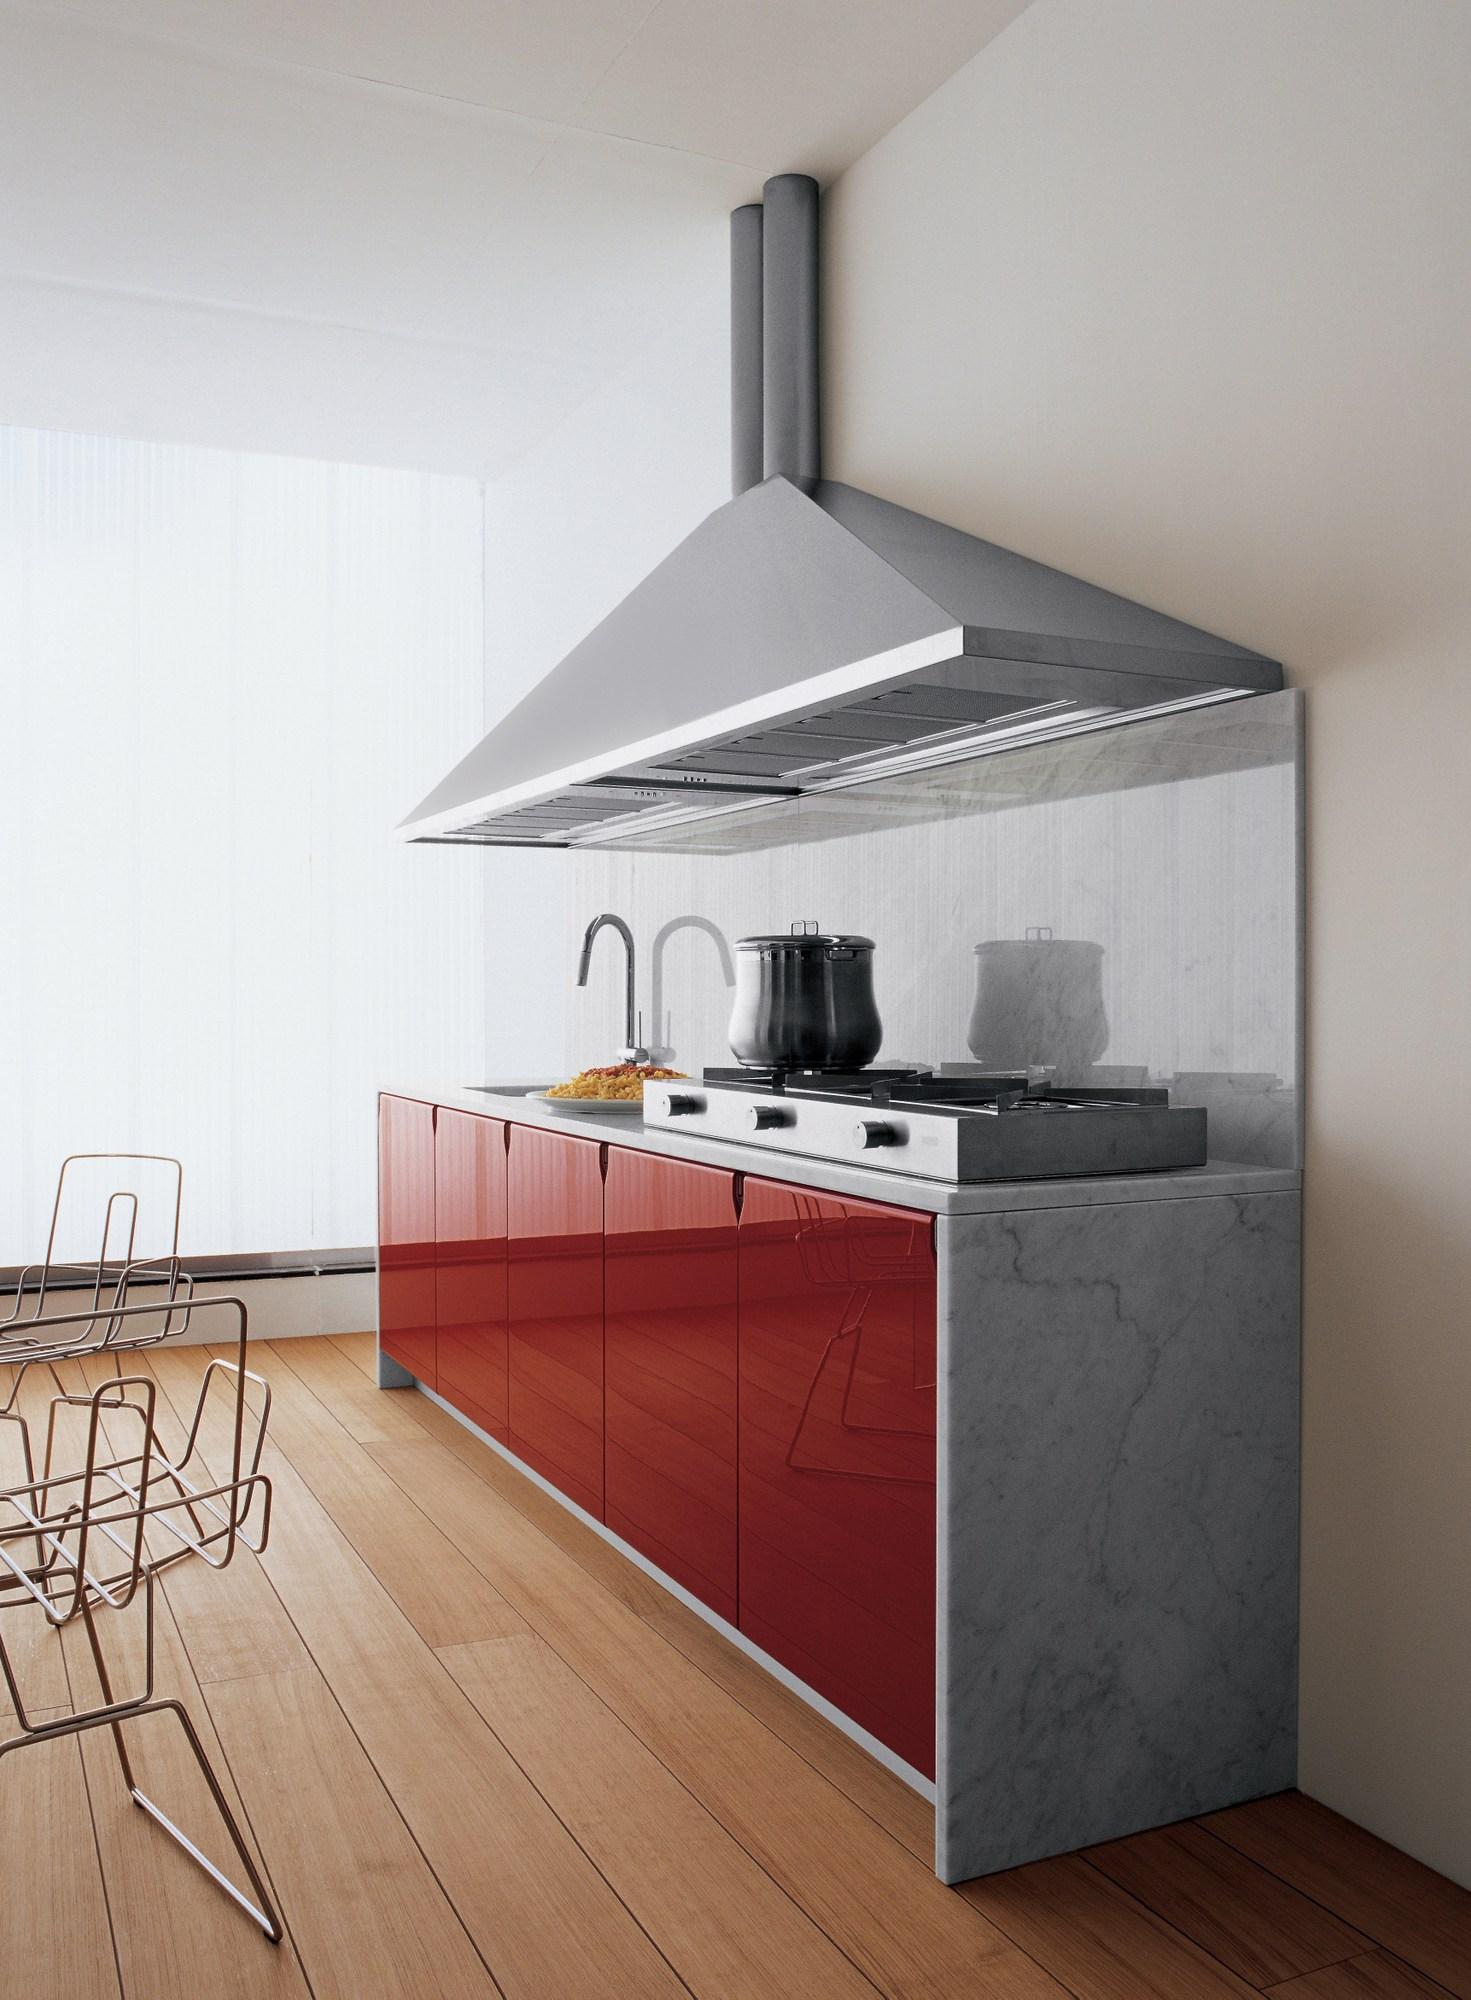 Cucina Cina di Schiffini Design Vico Magistretti - Arredamento & design